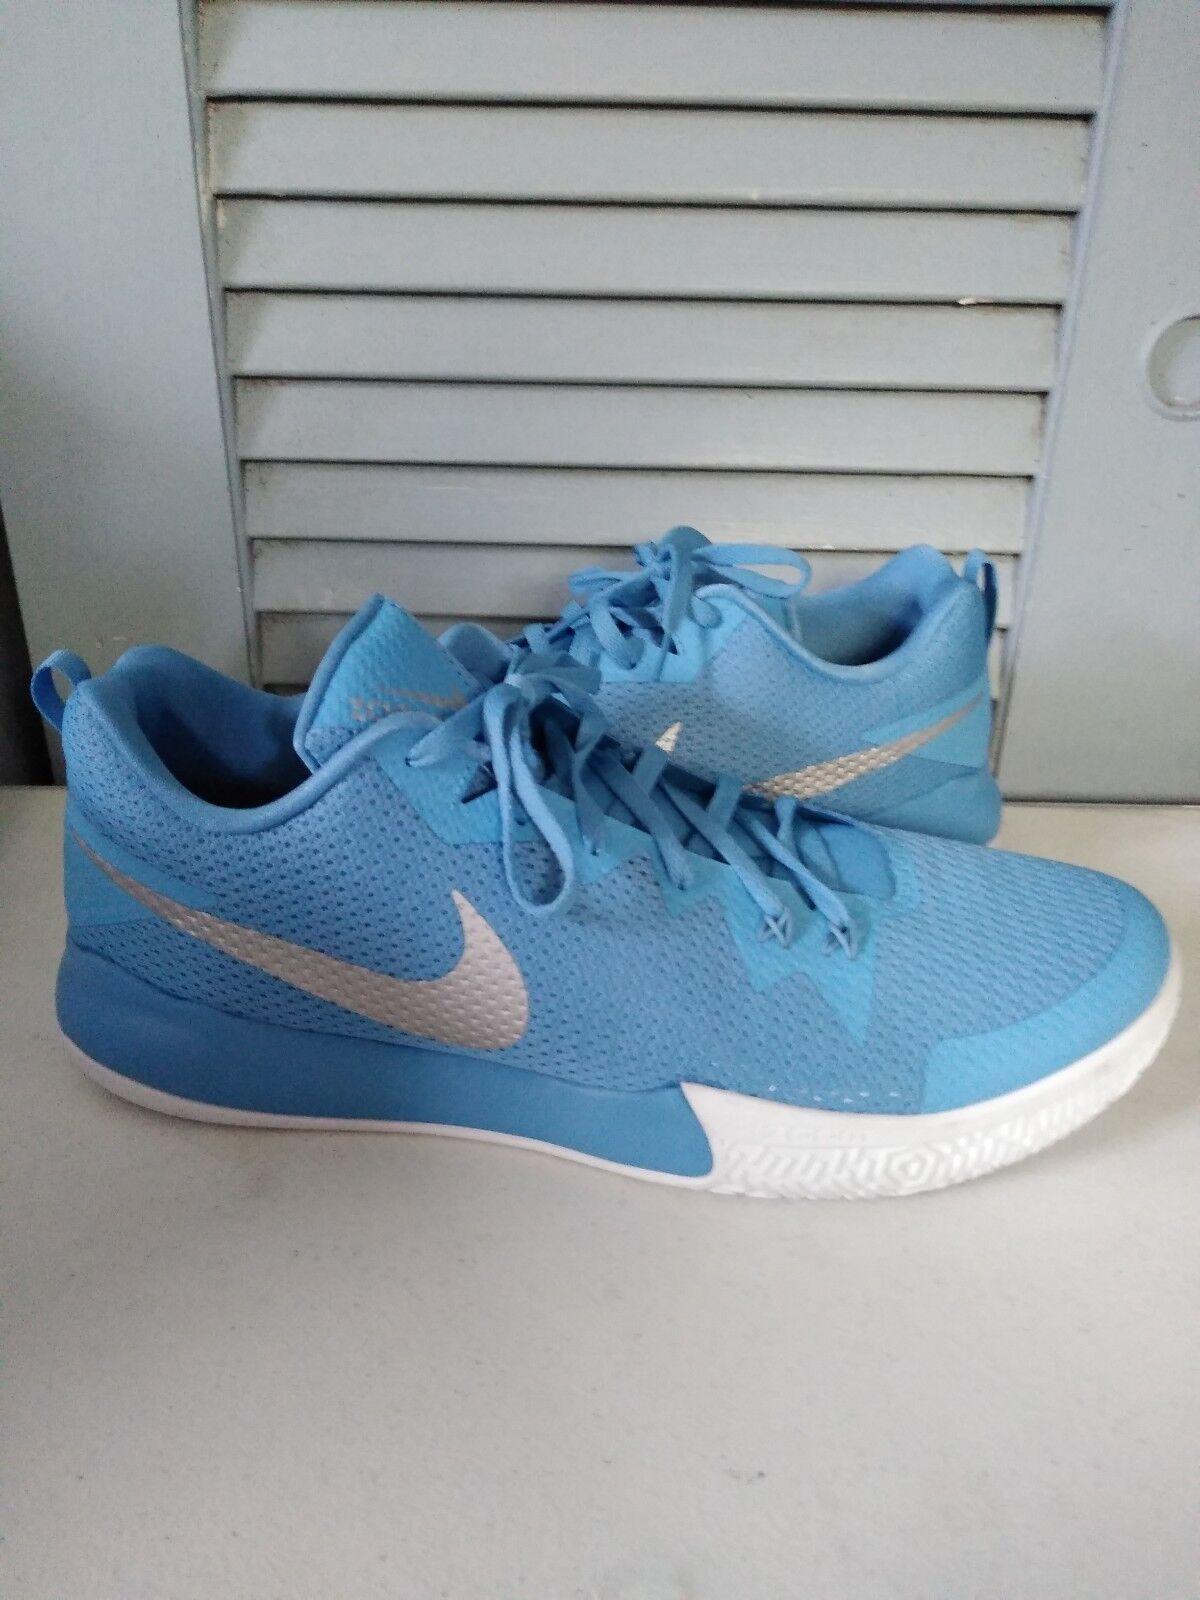 Nike Zoom Live AJ7721-403 Light blueE Size 17